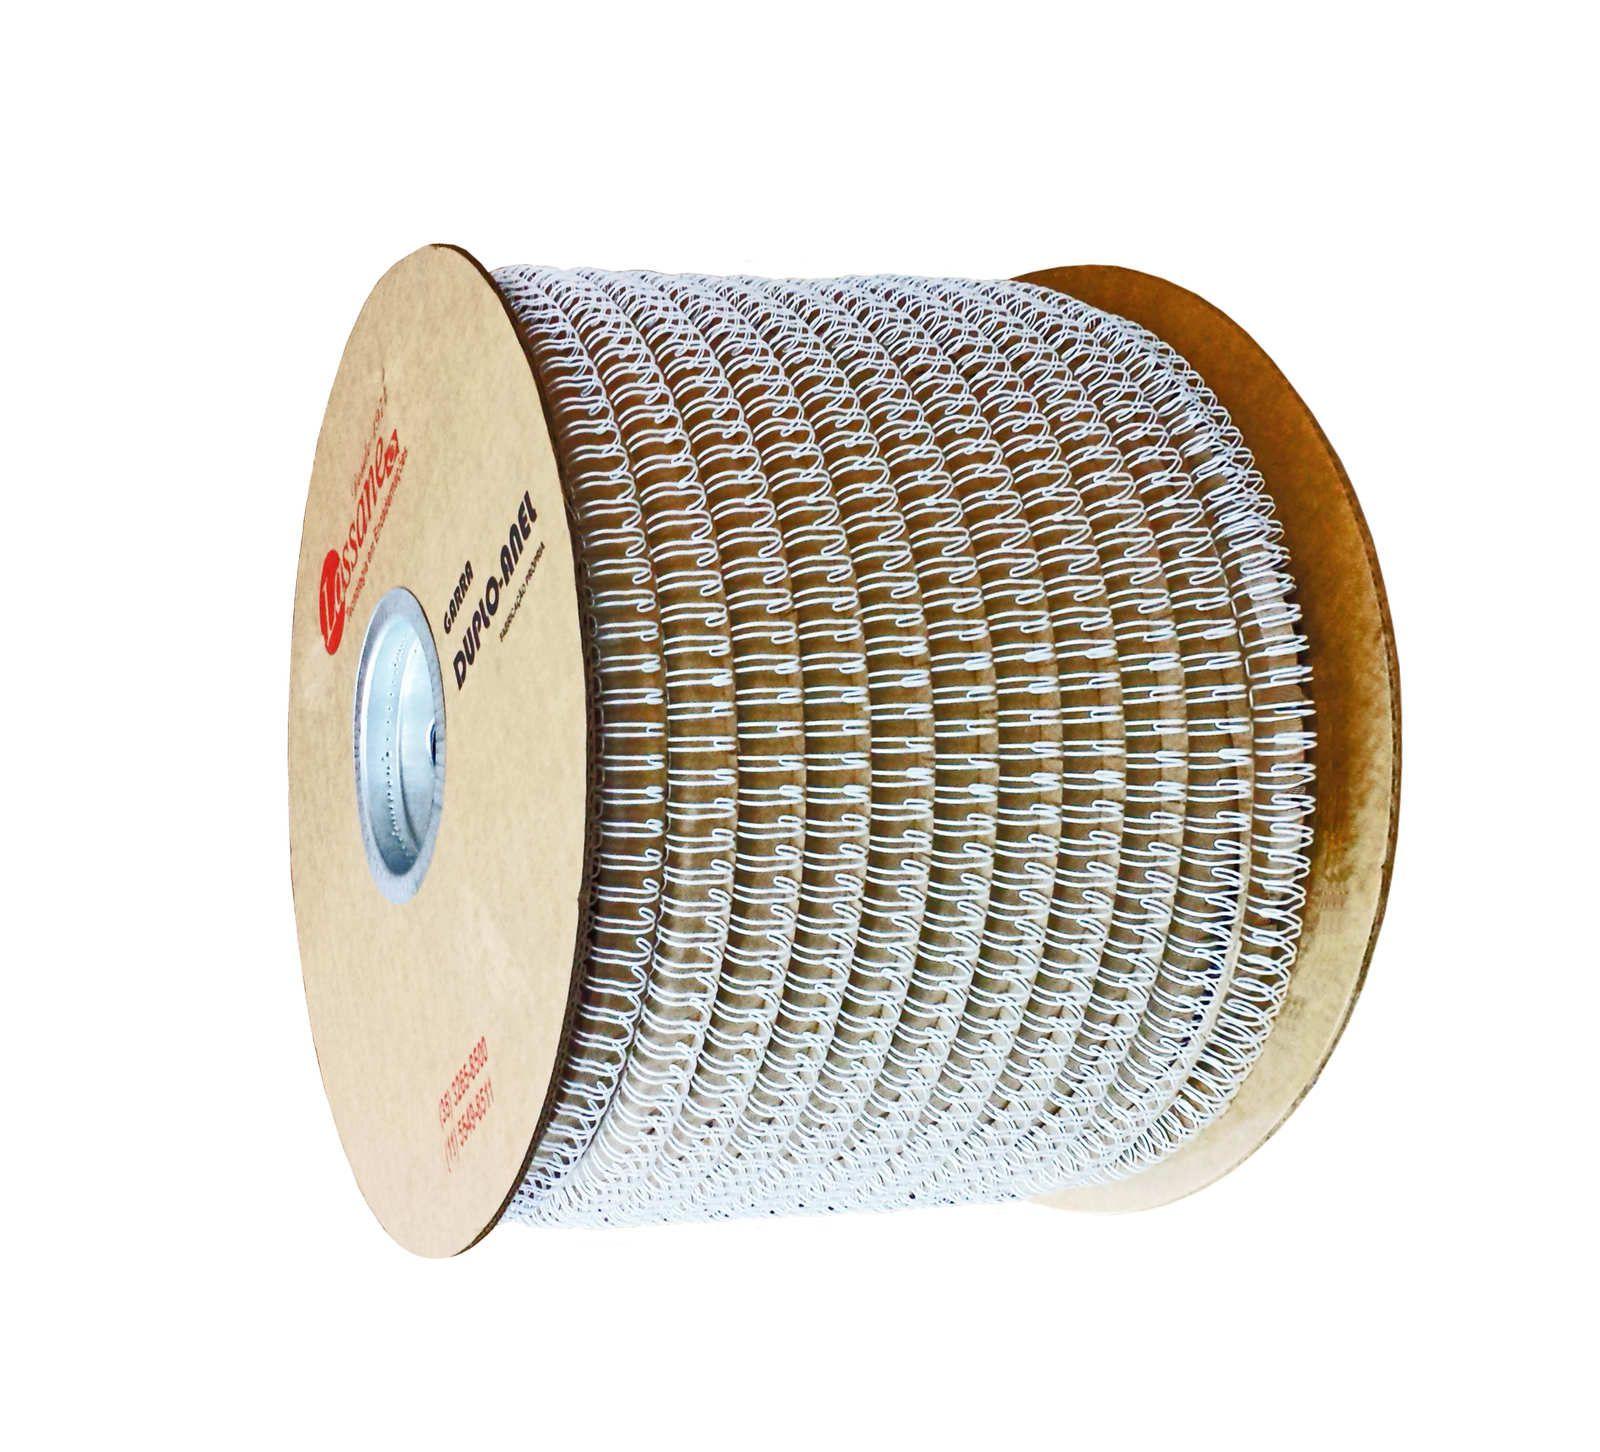 Bobina de Garras de Duplo Anel Wire-o 2x1 5/8 120 Folhas Cor Azul